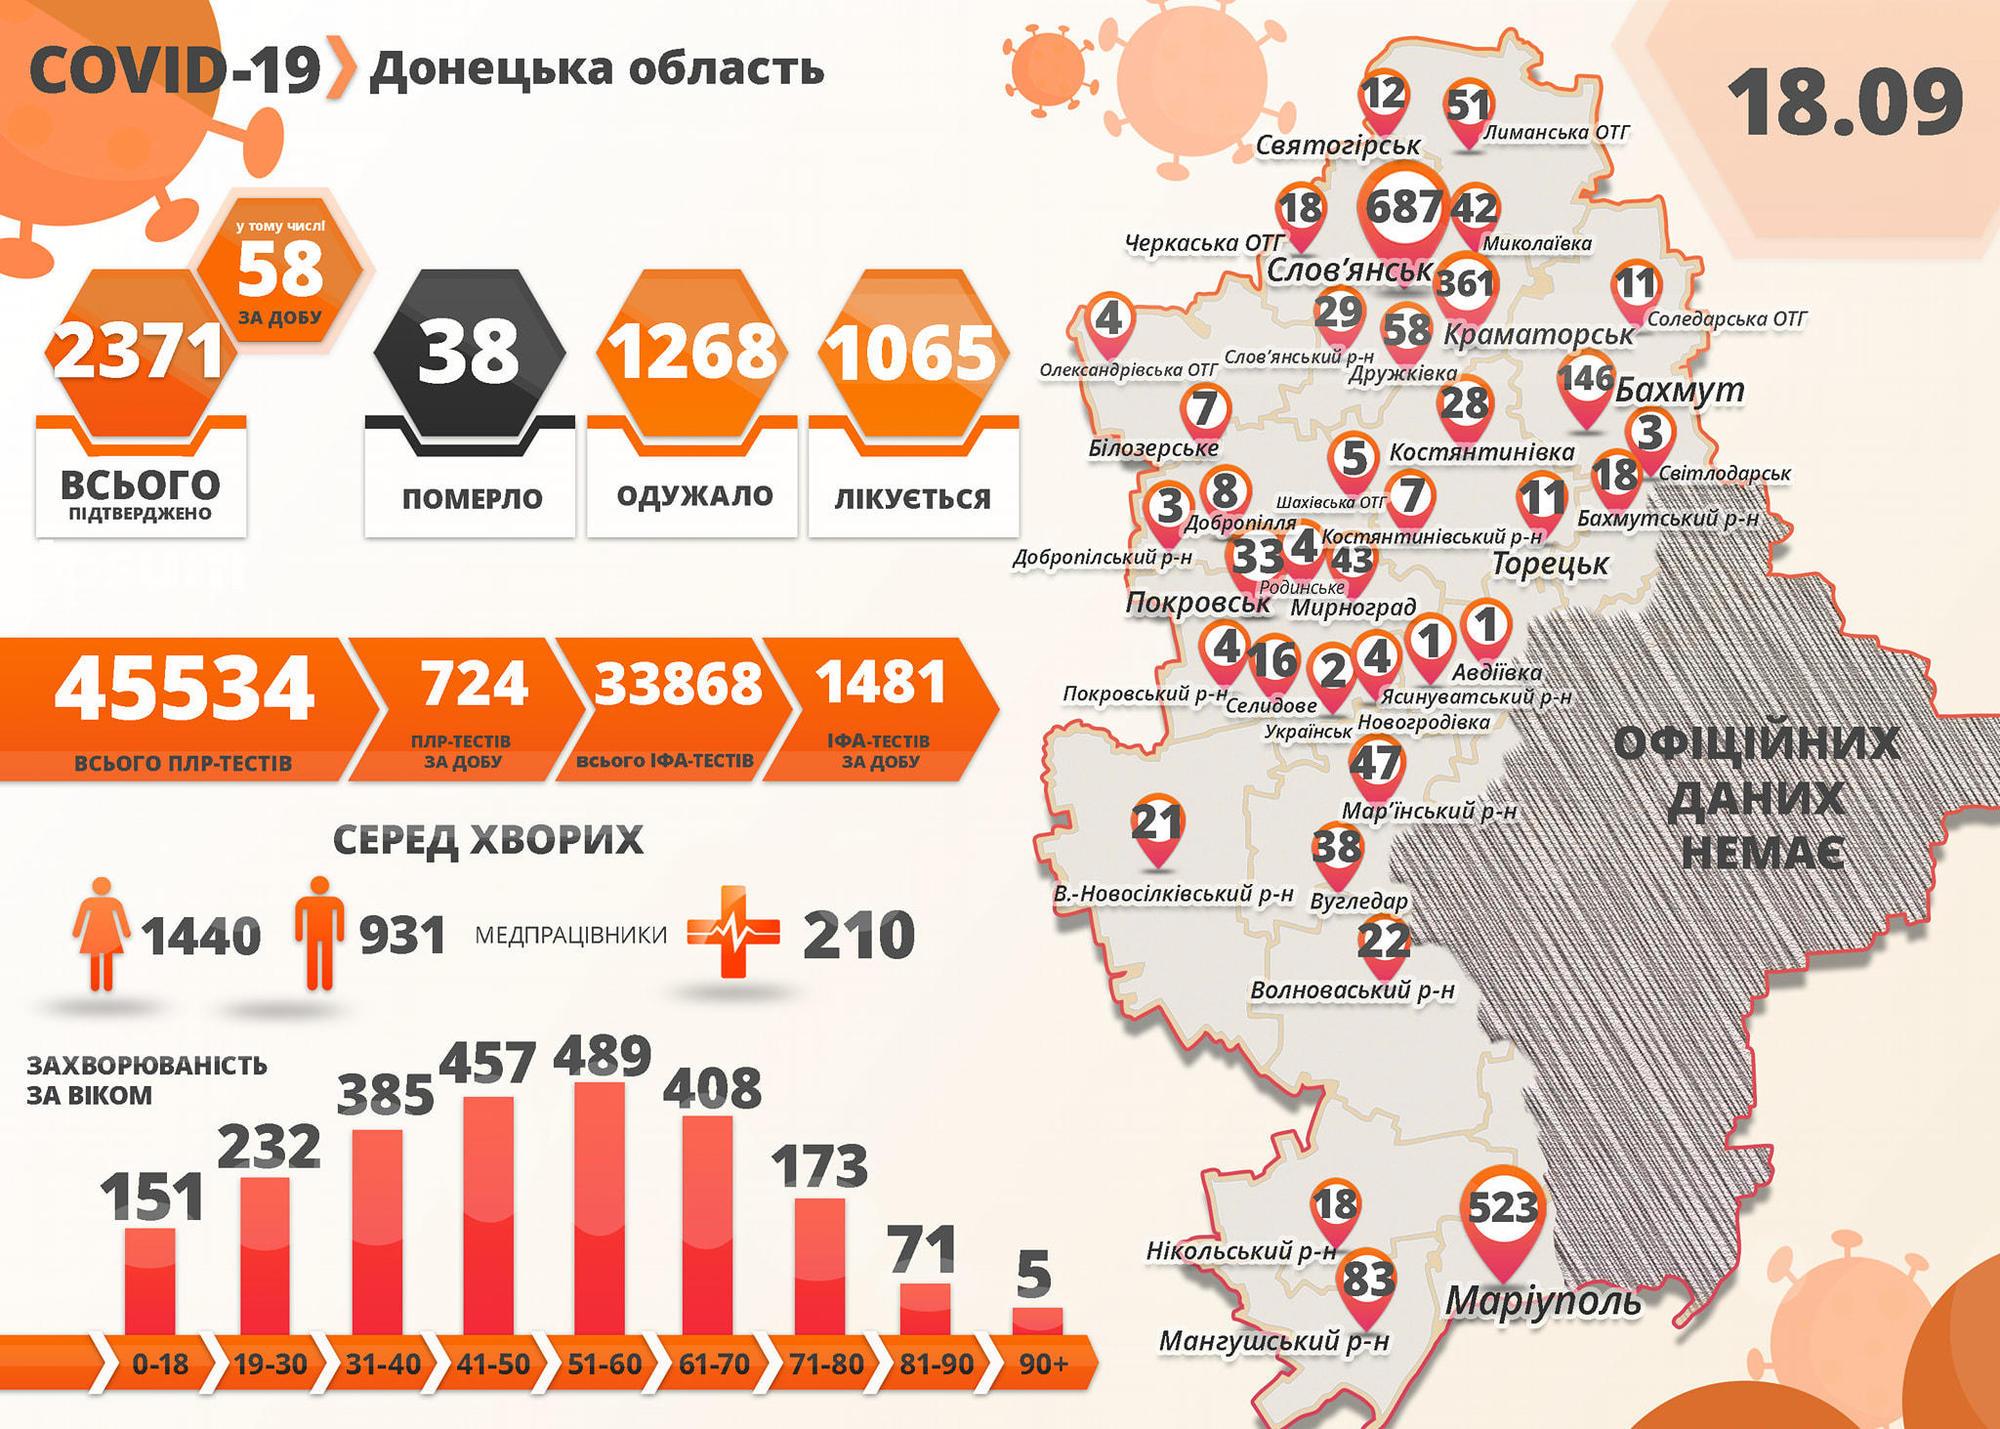 коронавирус количество больных Донецкая область на 19 сентября